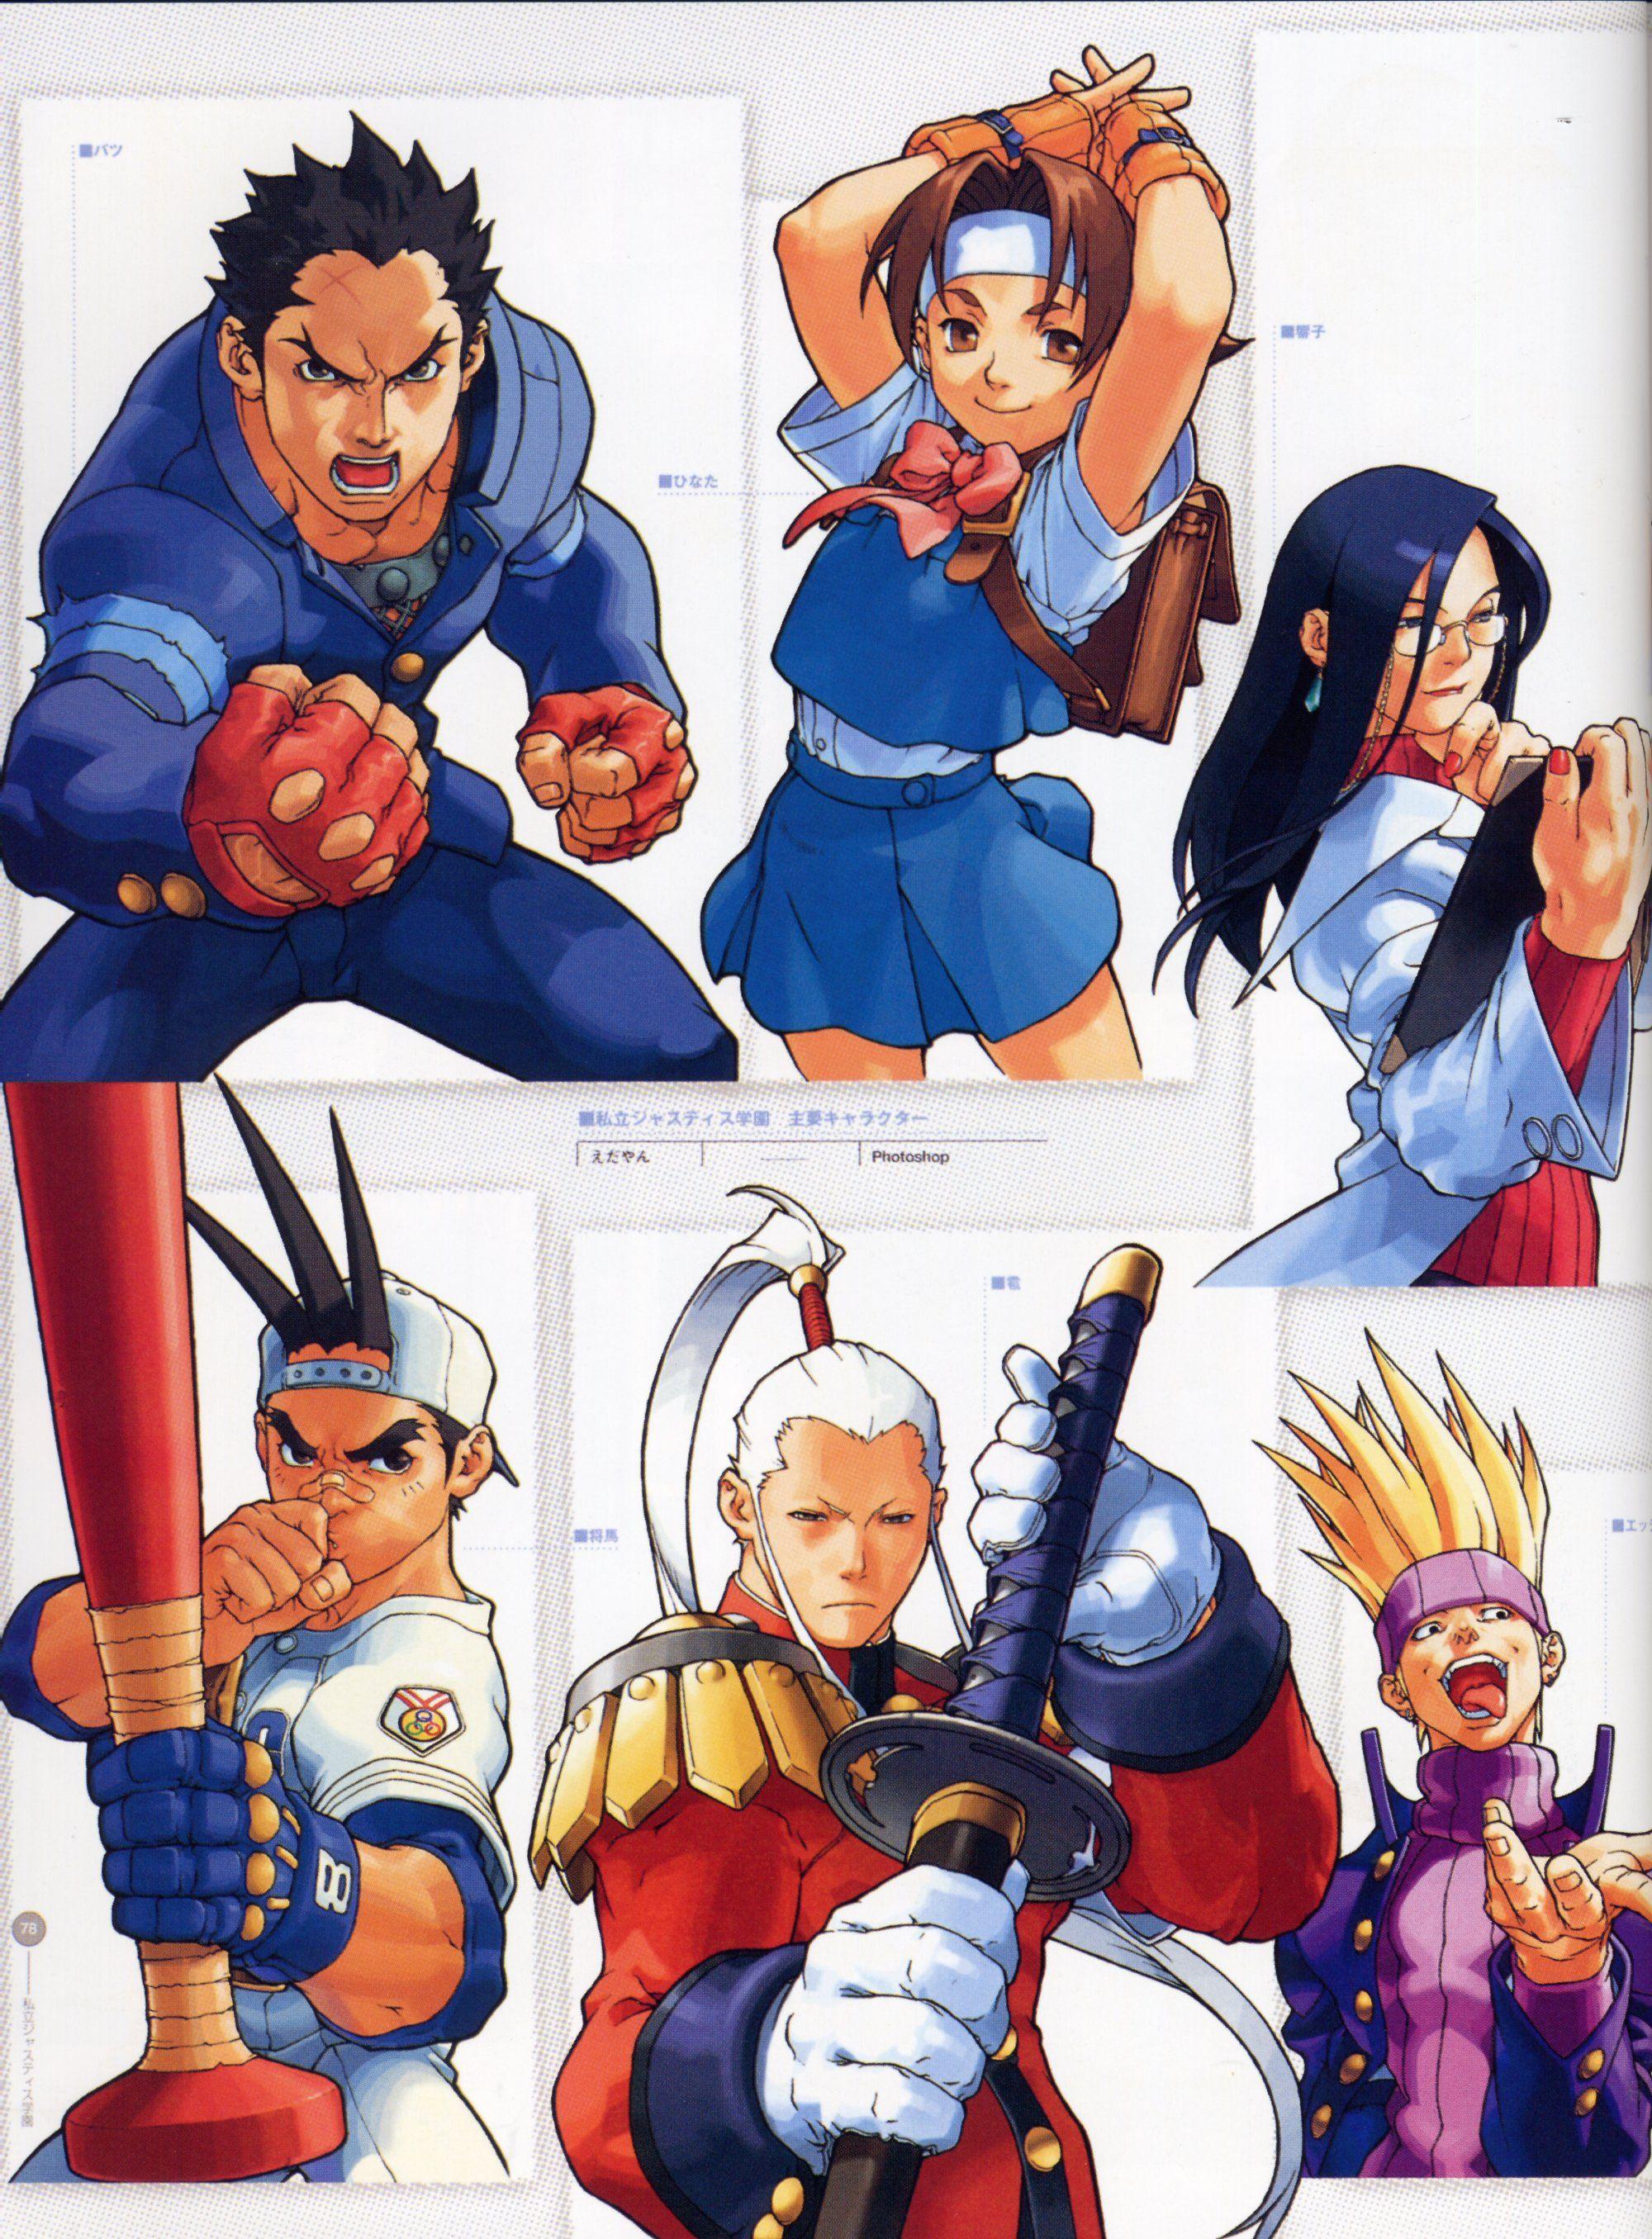 Capcom Design Works Capcom Art Game Character Design Street